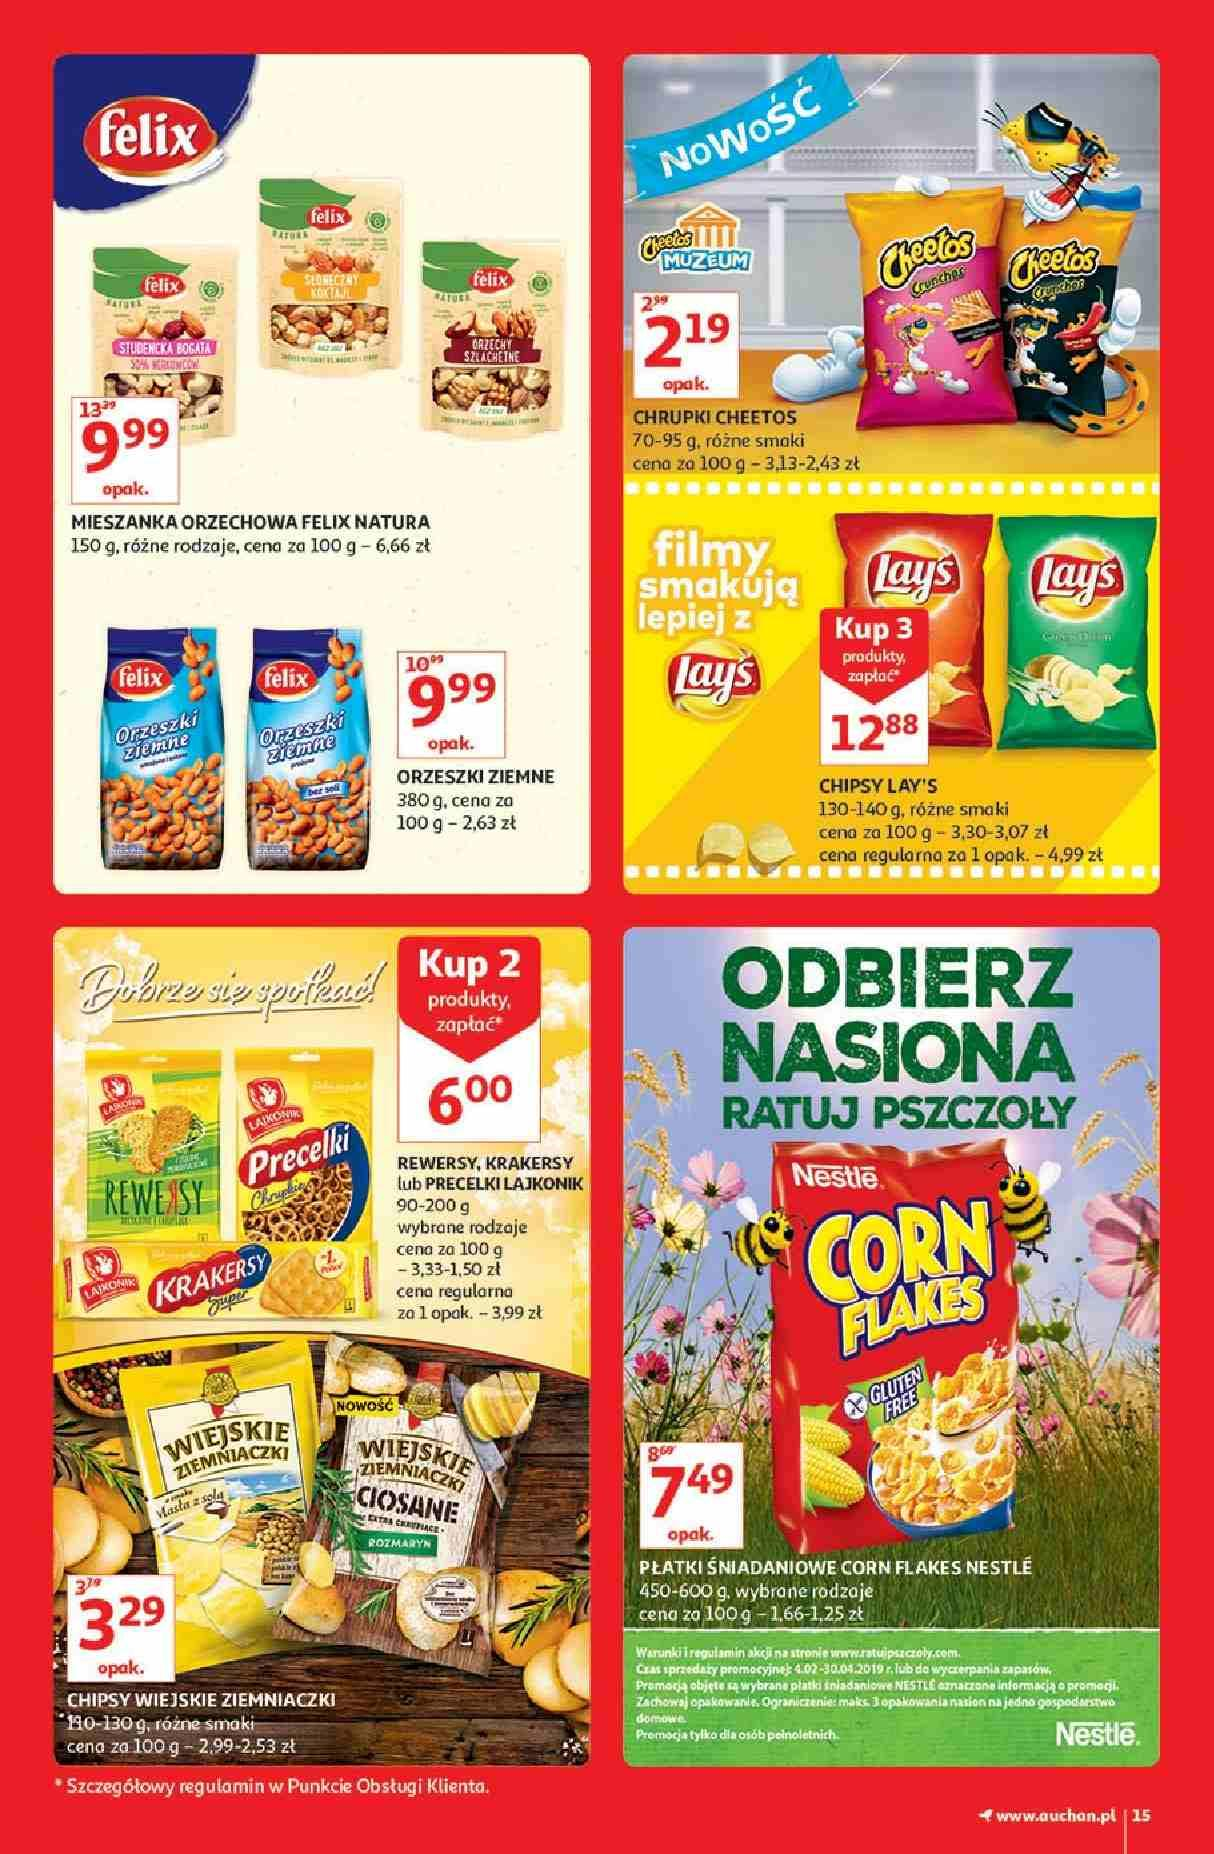 Gazetka promocyjna Auchan do 13/03/2019 str.15